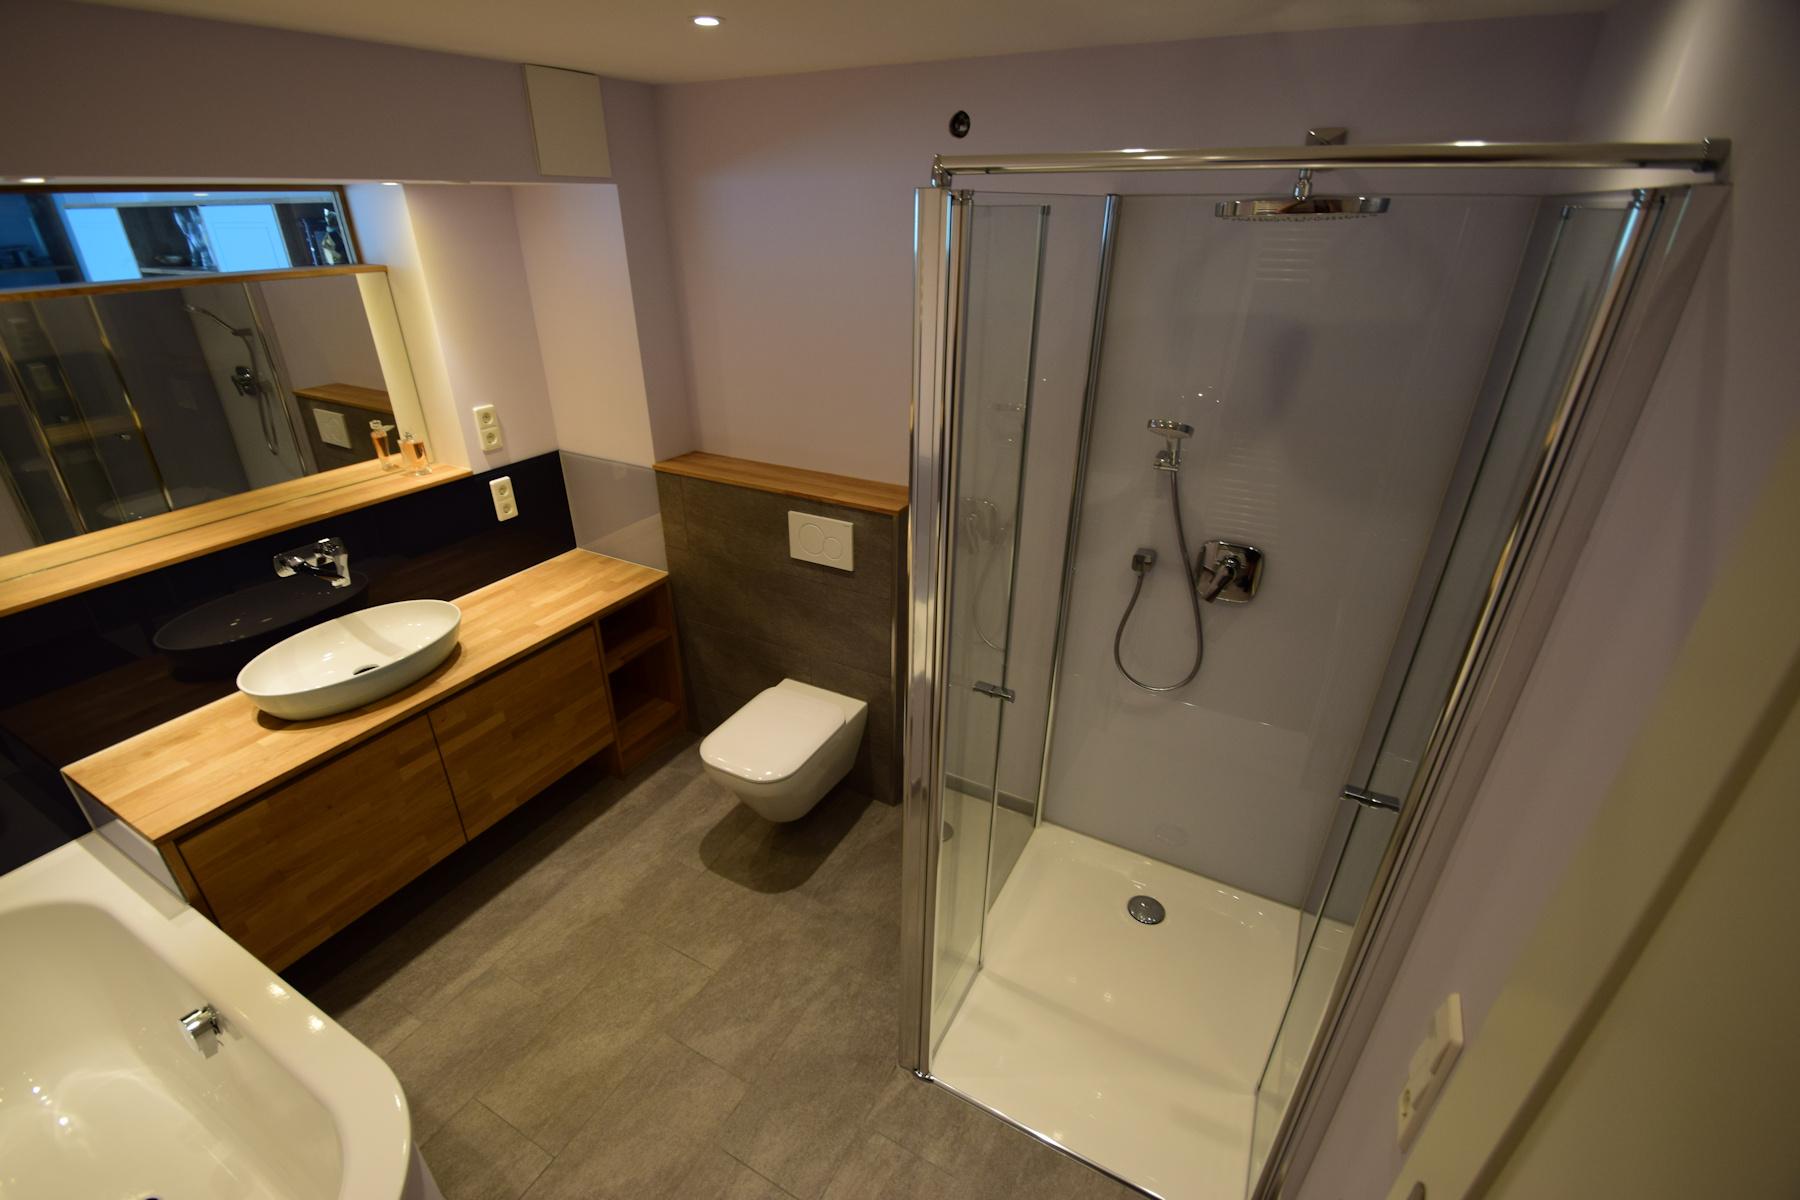 badezimmer modern und stylisch willkommen bei schiffbauer bad und wohnraumgestaltung mit keramik. Black Bedroom Furniture Sets. Home Design Ideas